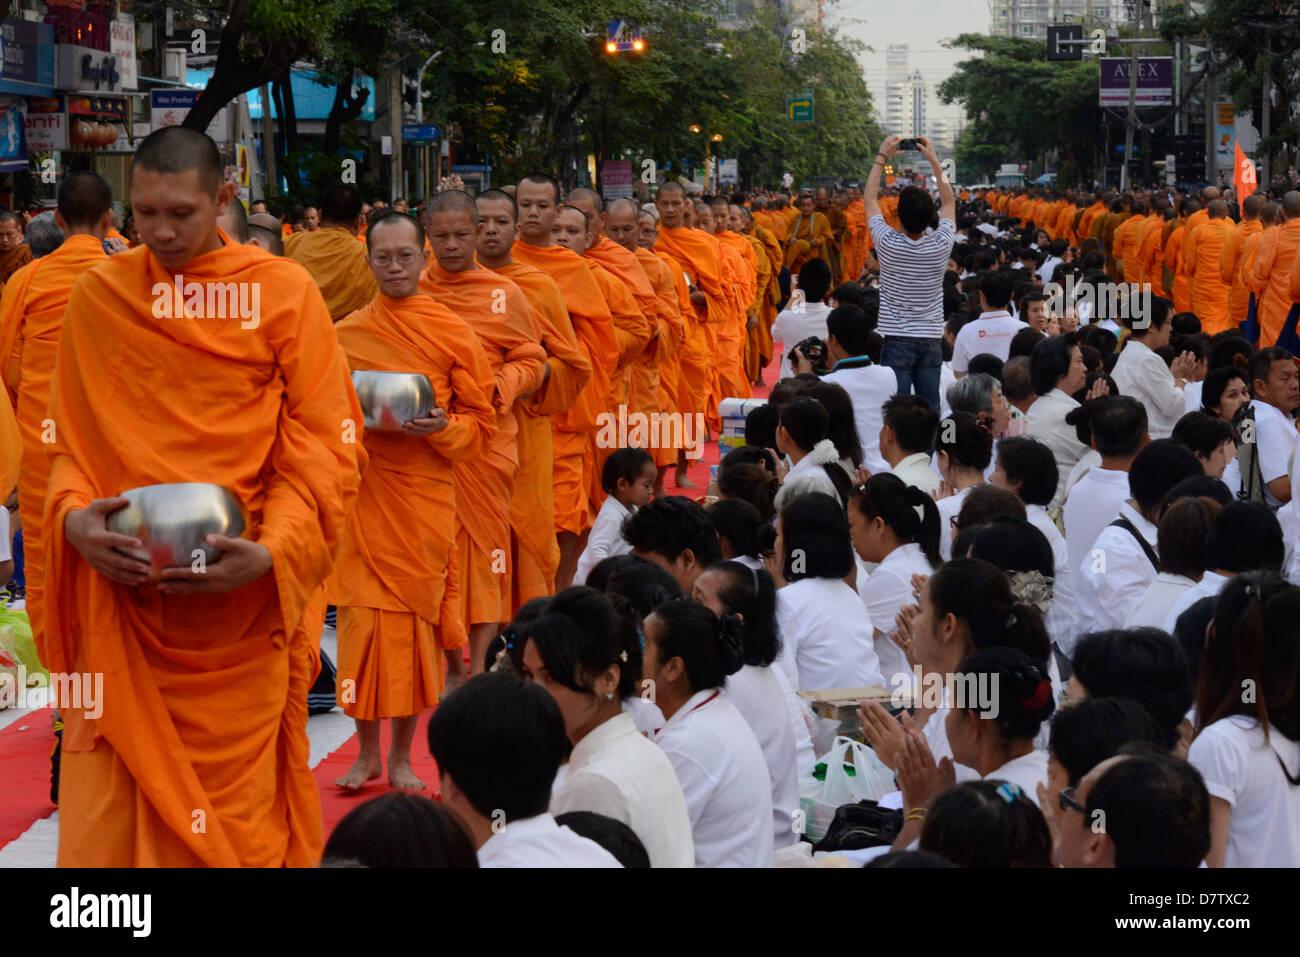 2555 Mönche versammeln sich in Soi 55, Sukhumvit Road, das Ende des buddhistischen Jahr 2555, Bangkok, Thailand, Stockbild